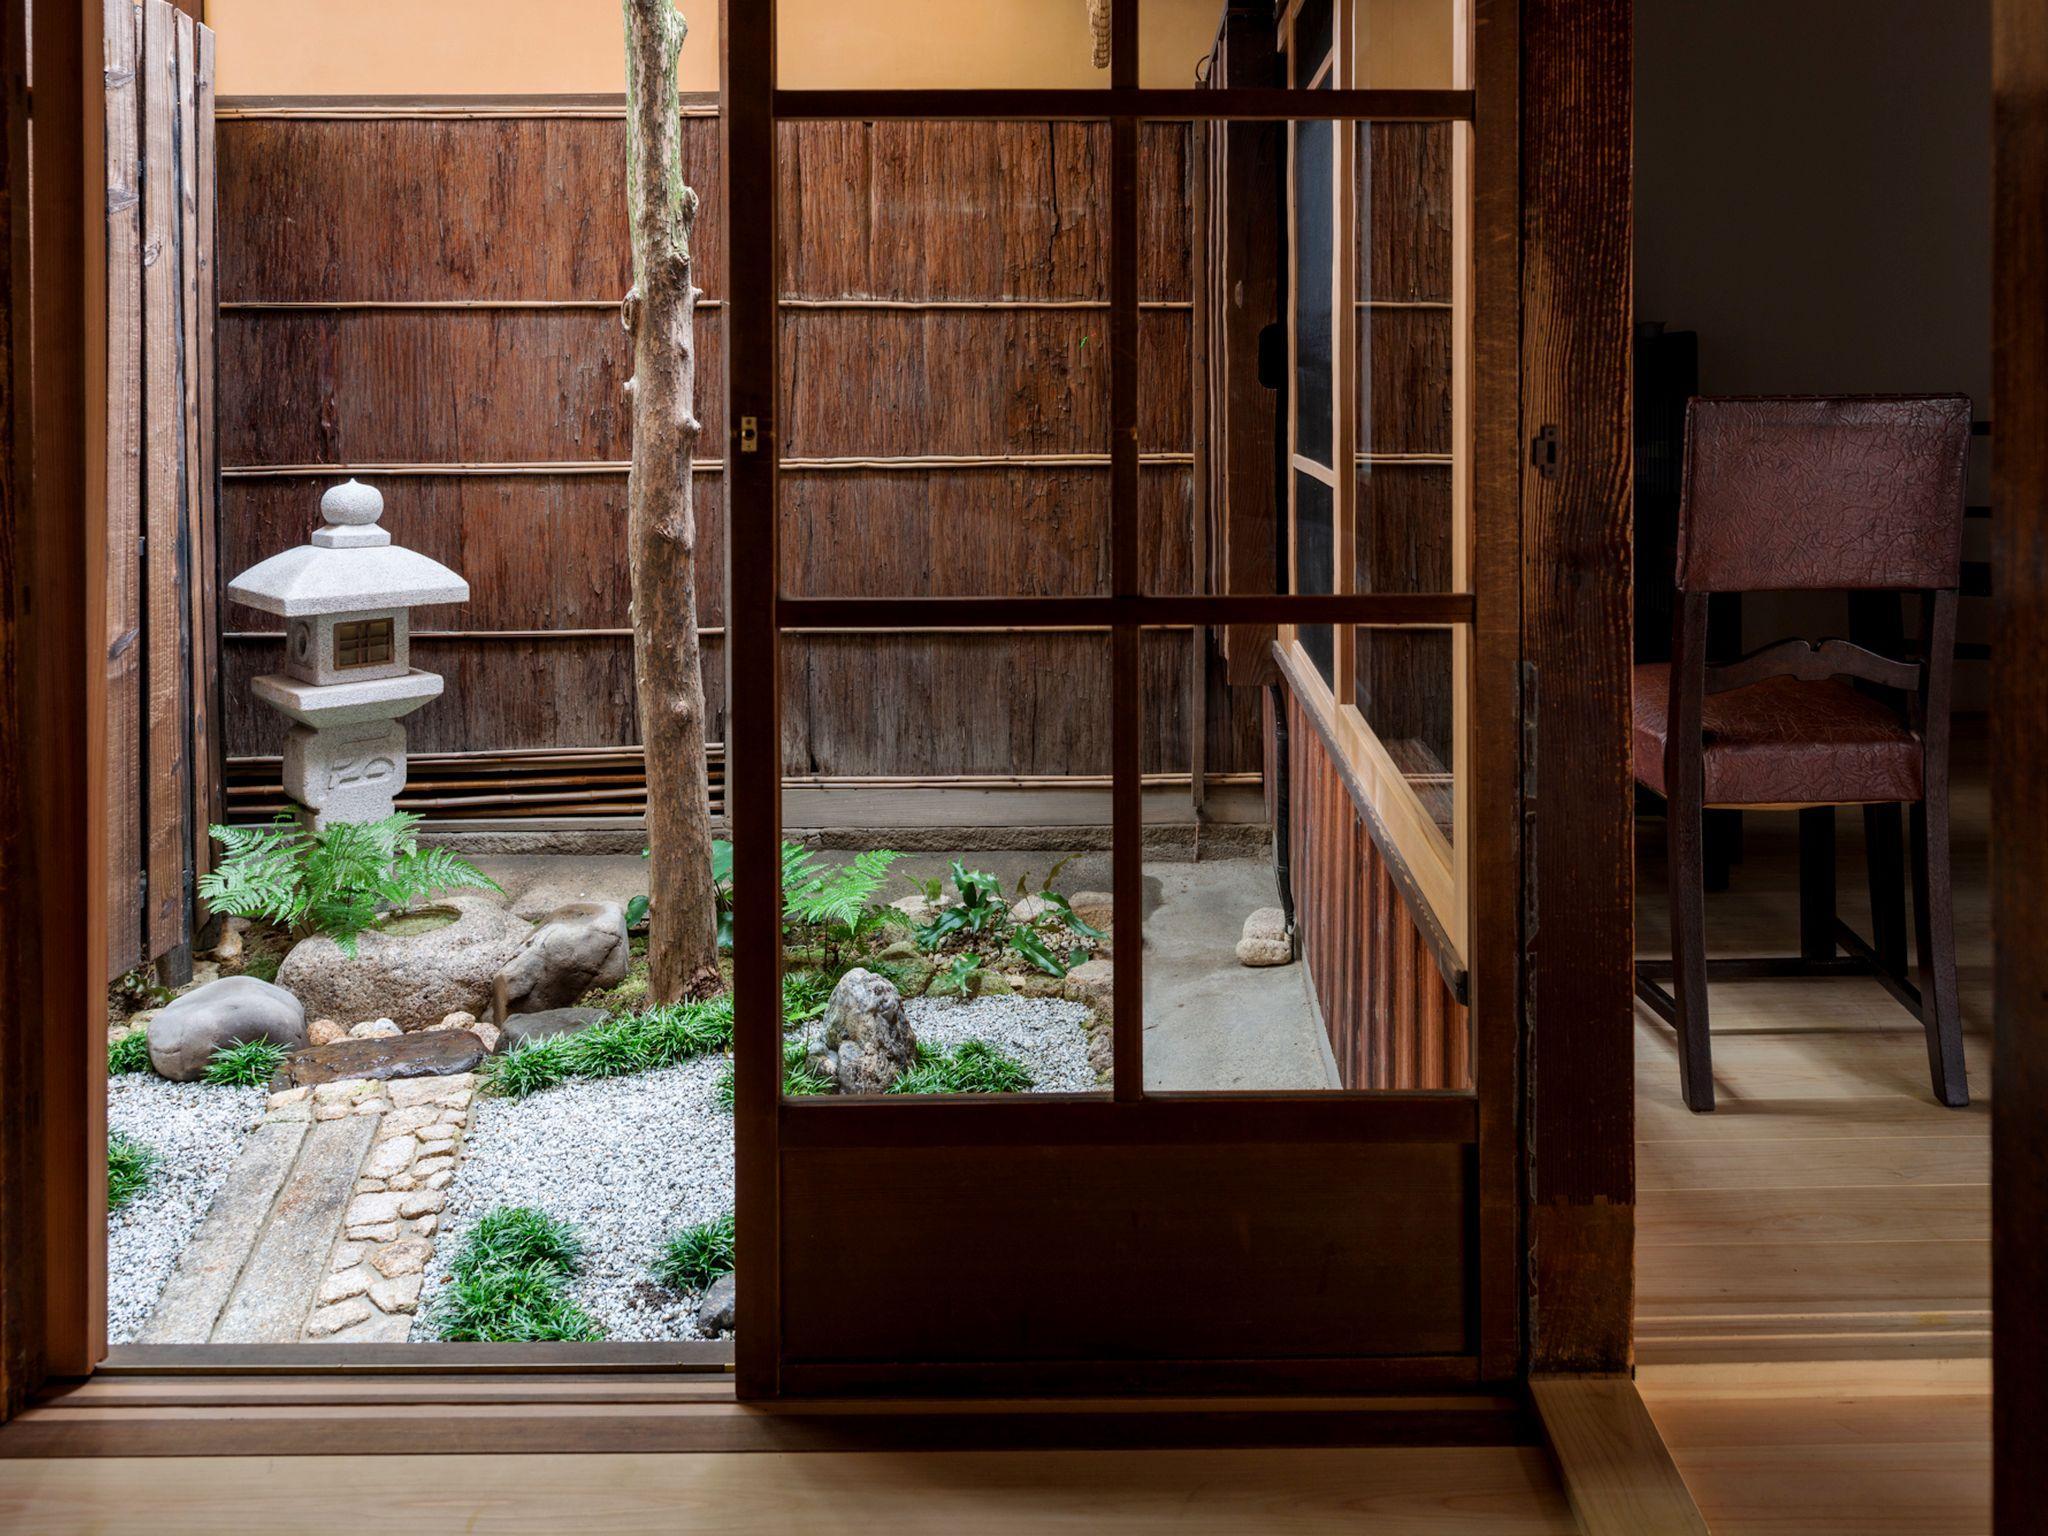 Bairin An In Kiyomizu